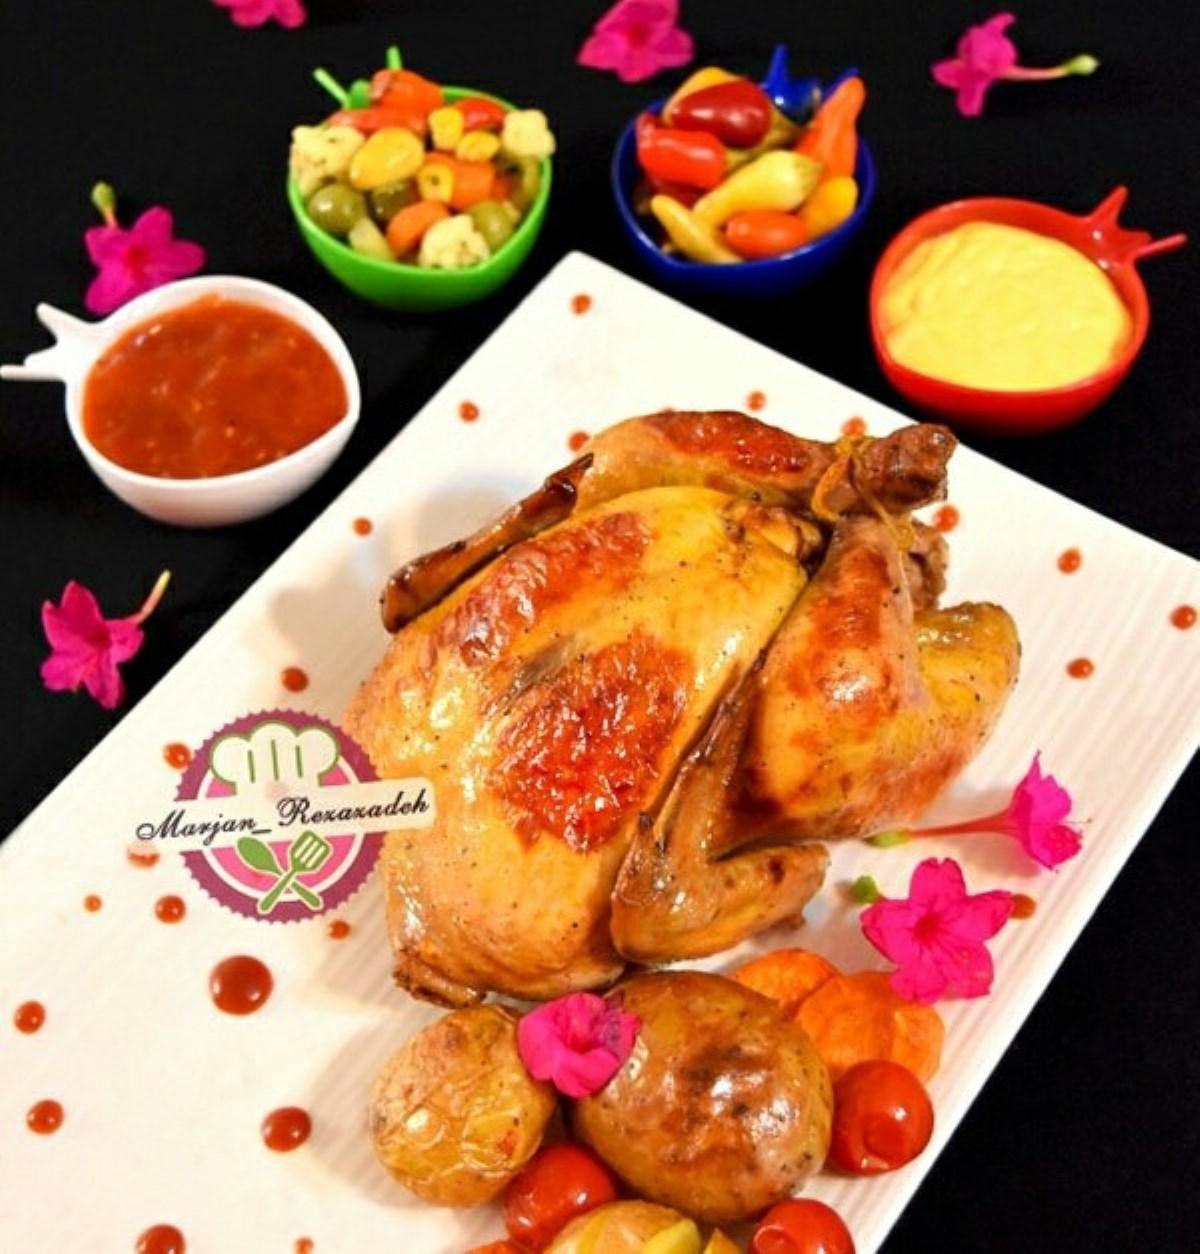 طرز تهیه غذای ملل مرغ بریان نمکی